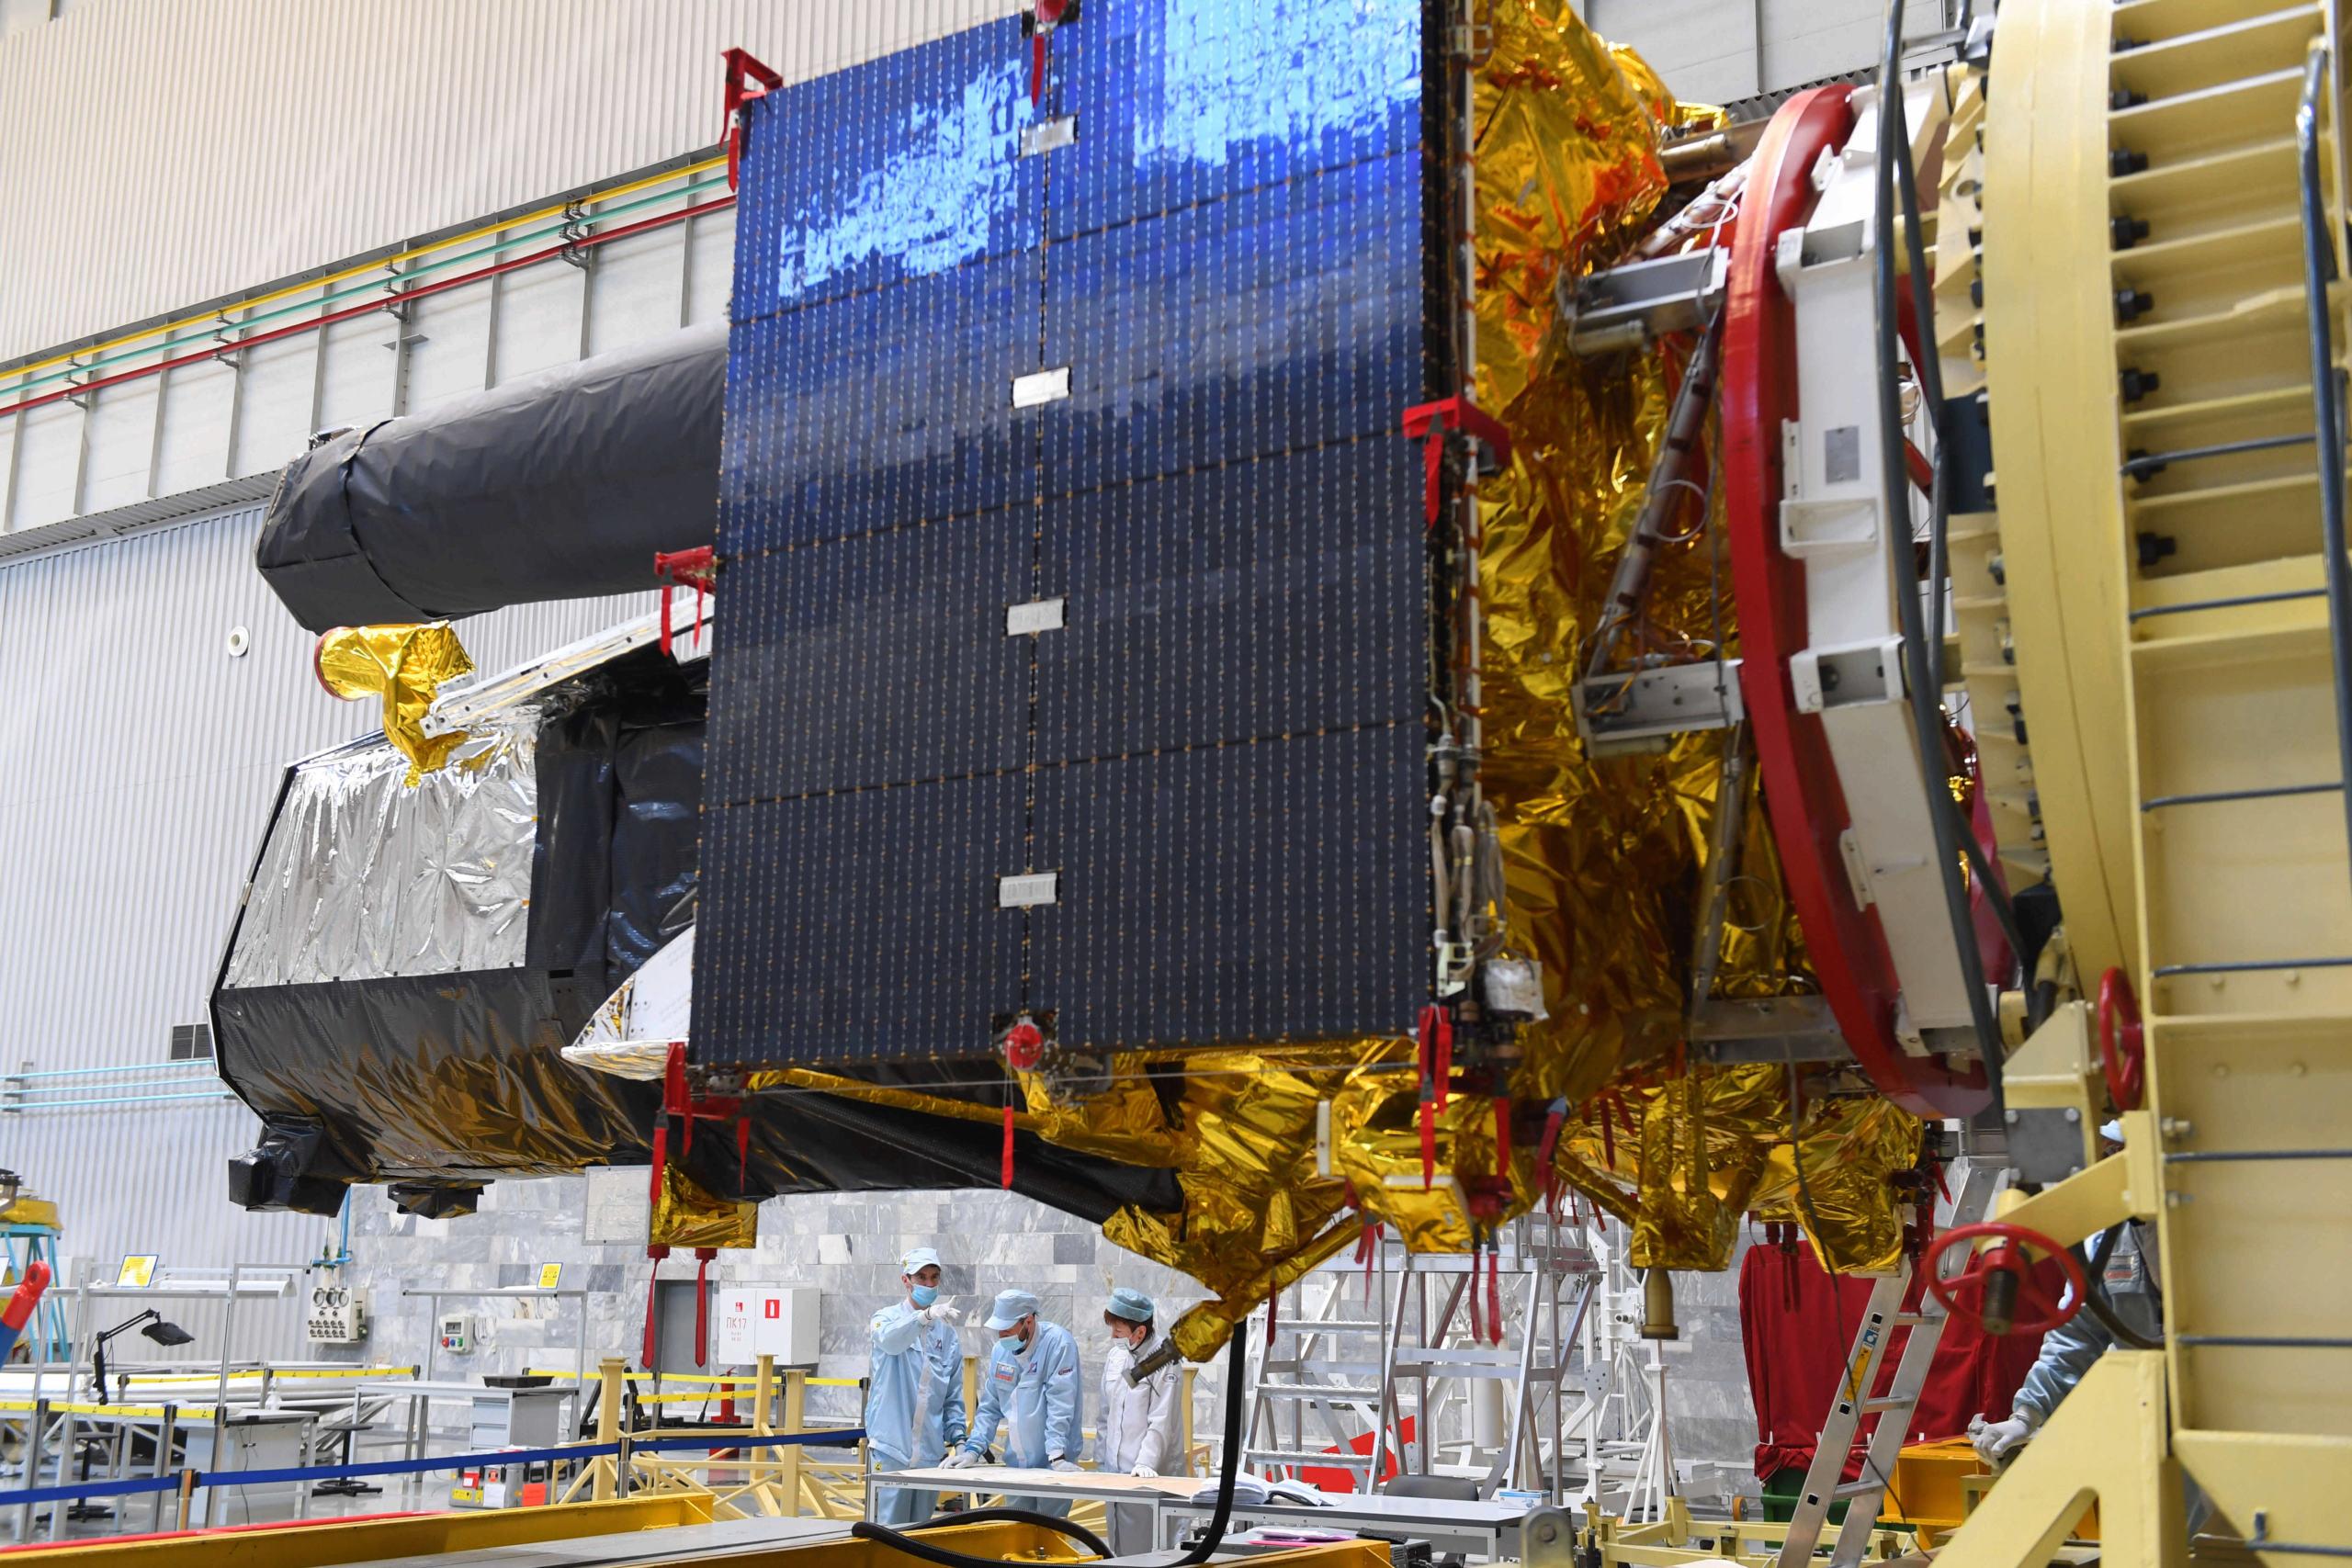 Proton-M - Block DM-03 (Spektr-RG) - Baï - 12.07.2019  1596